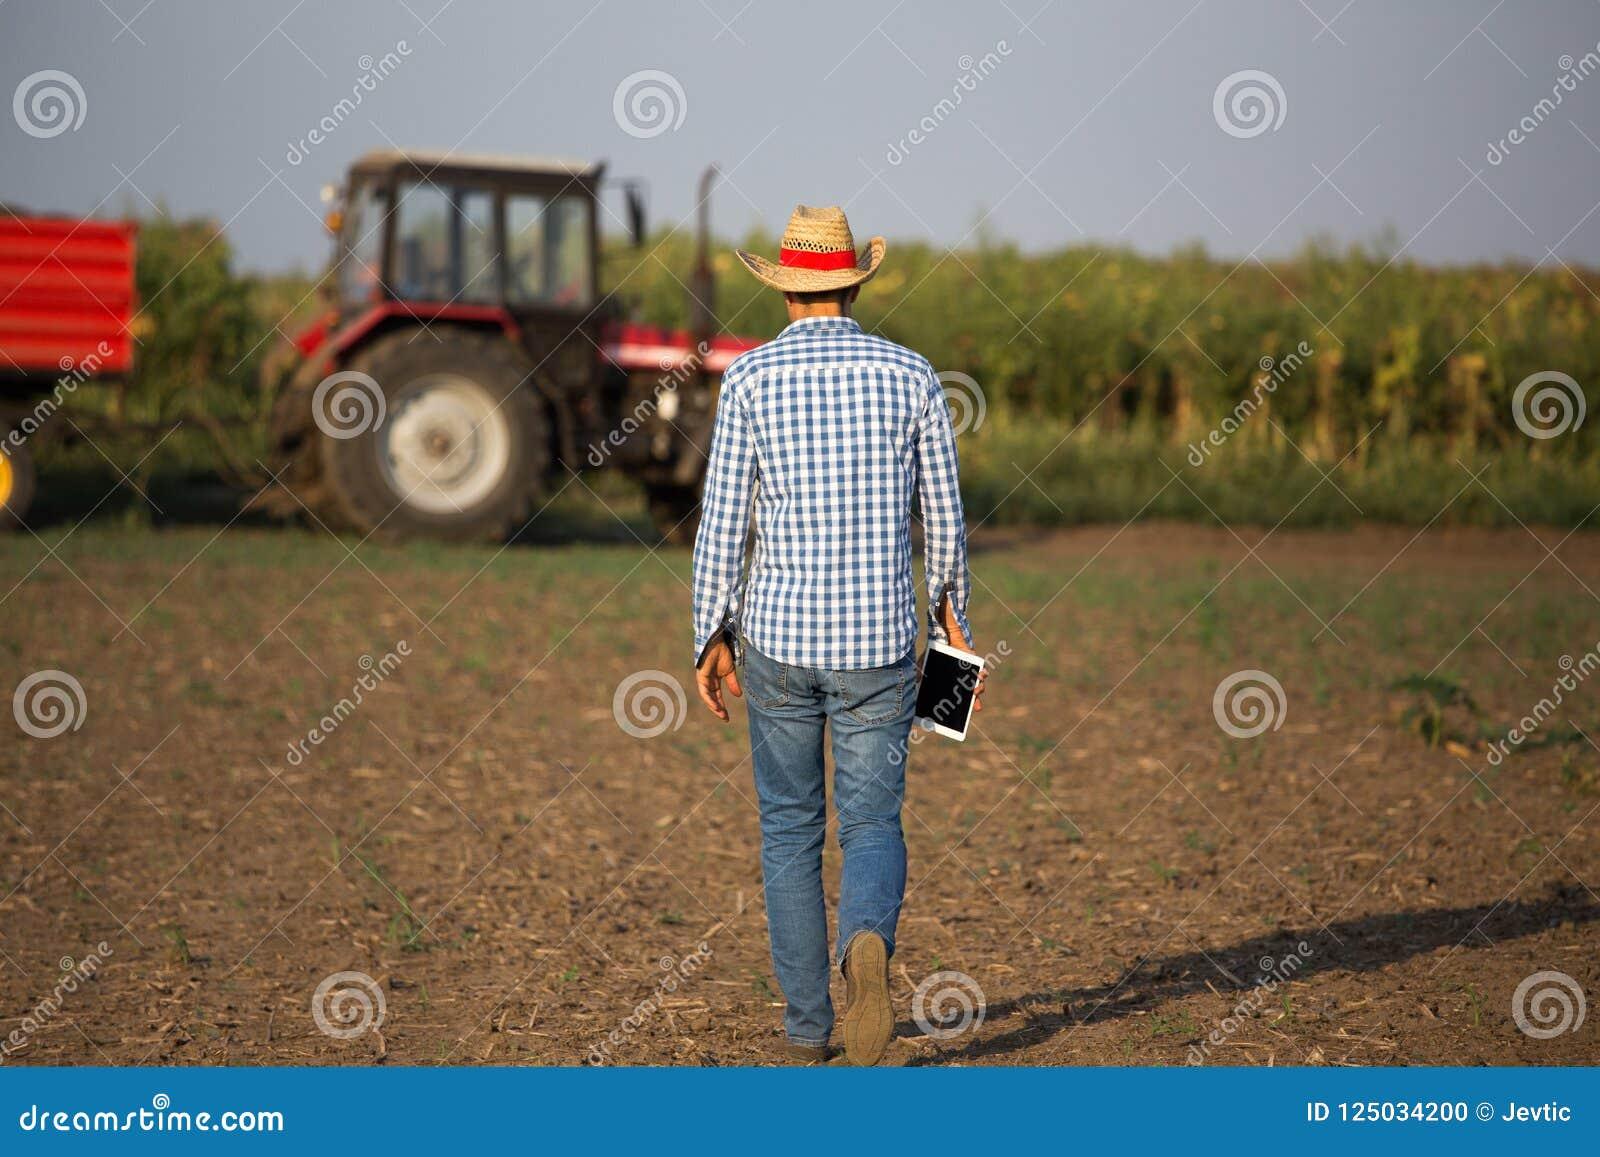 Rolnik z pastylką przed ciągnikiem